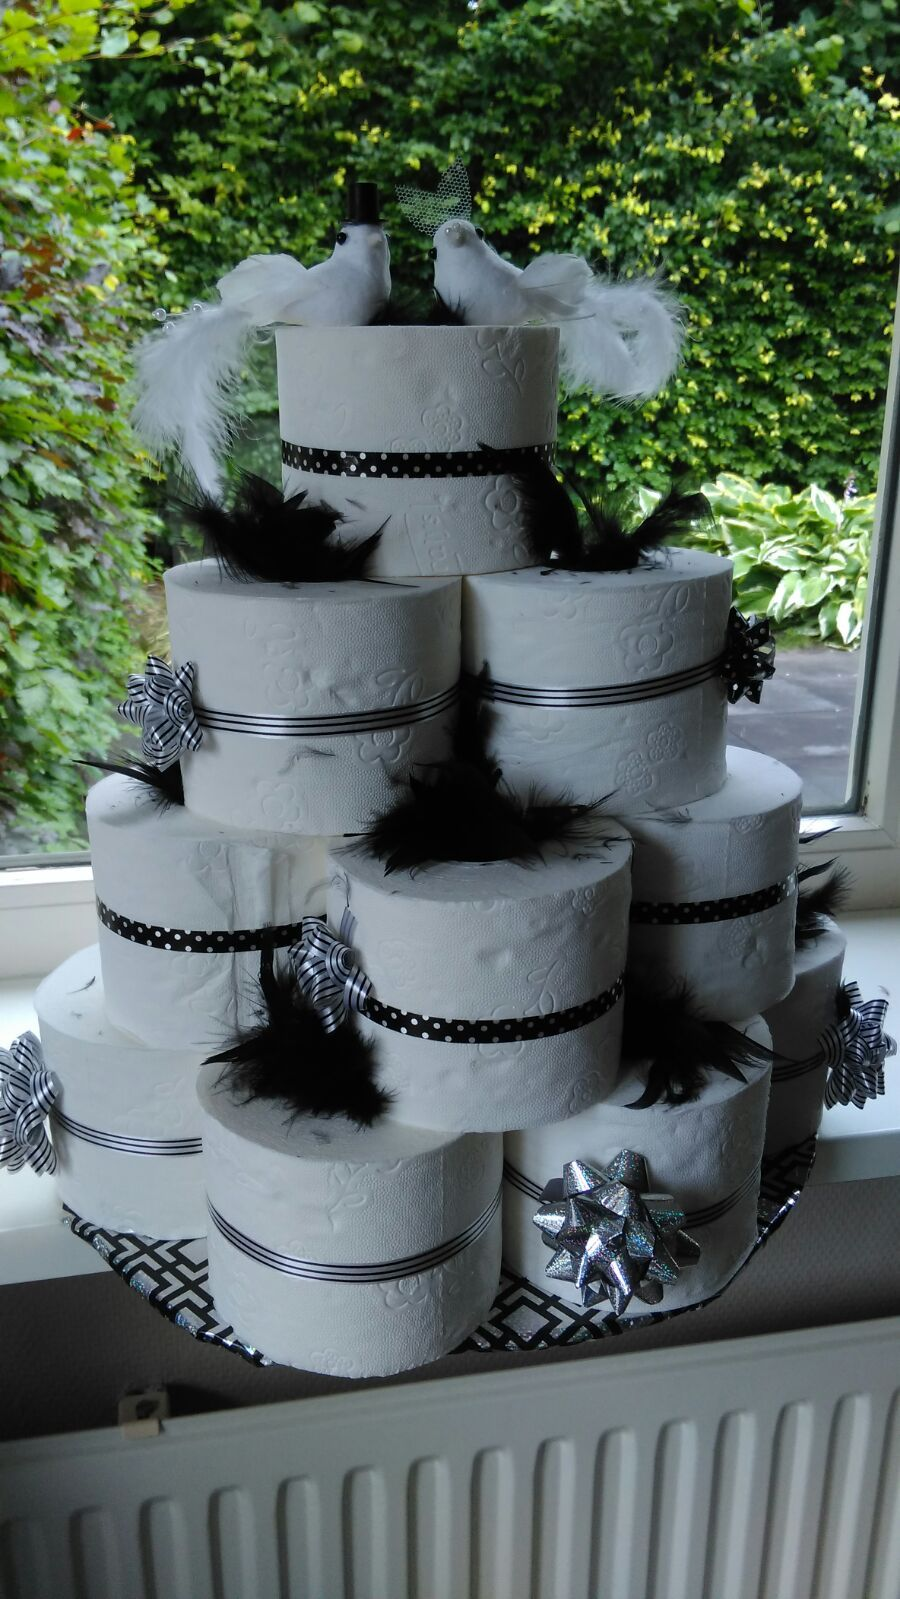 Bruidstaart Van Toiletpapier.Bruidstaart Gemaakt Van Rollen Toiletpapier Bruiloft